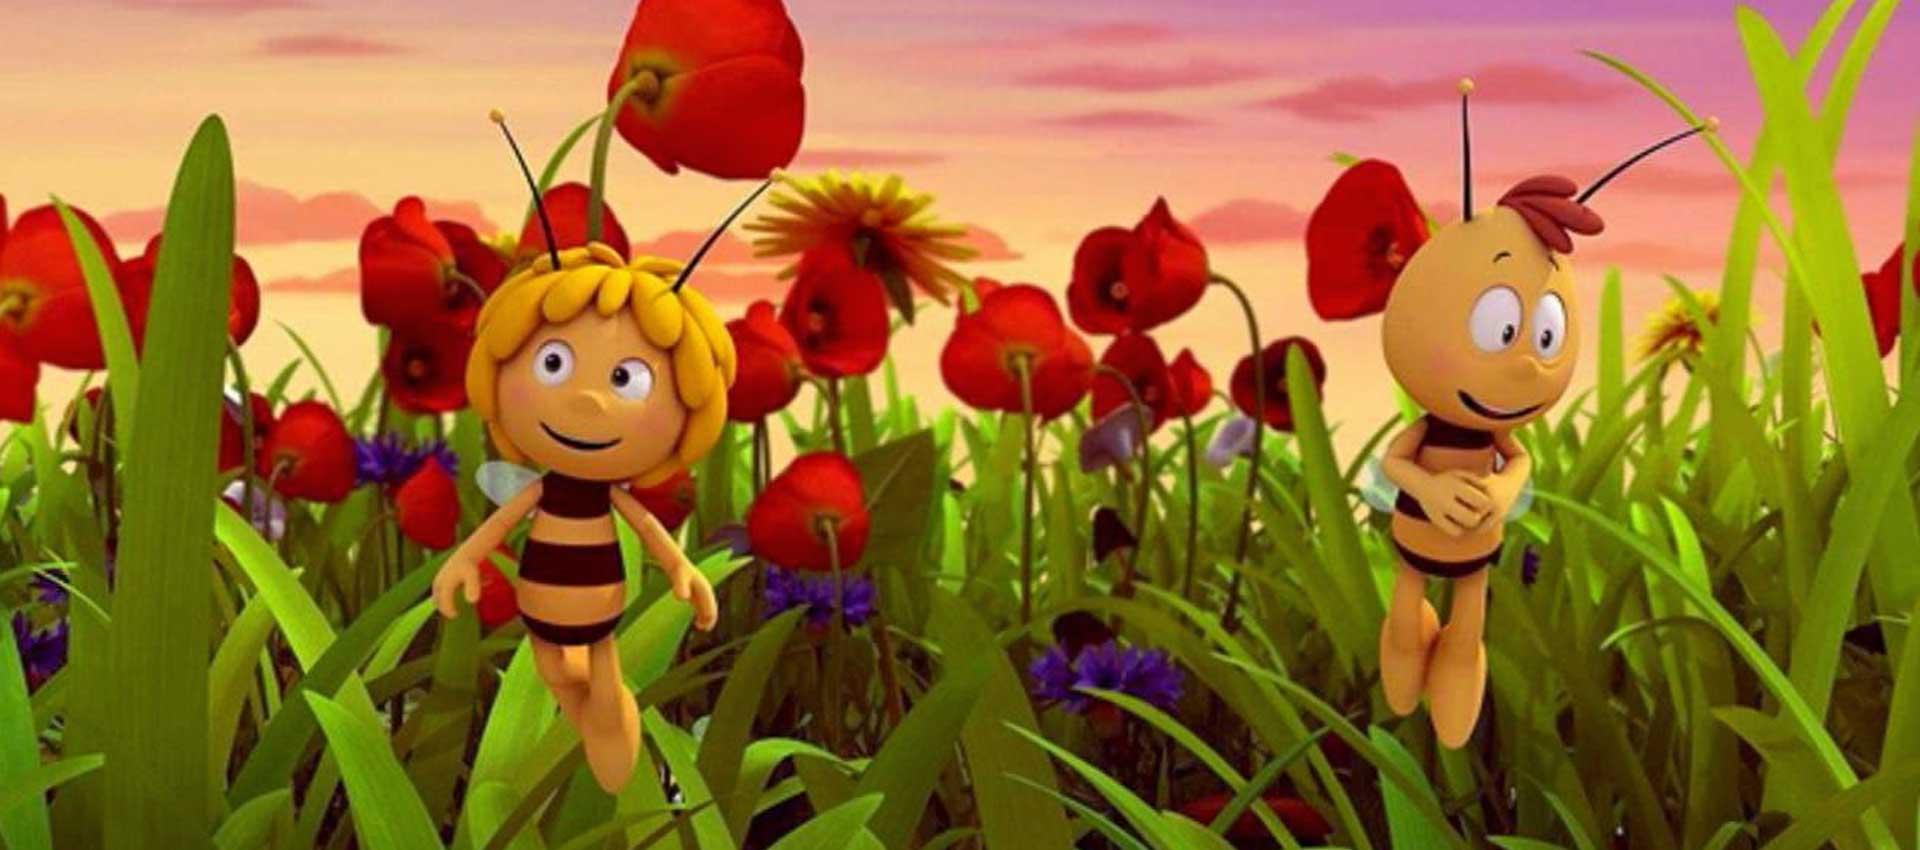 Arı Maya türkçe izle hd izle